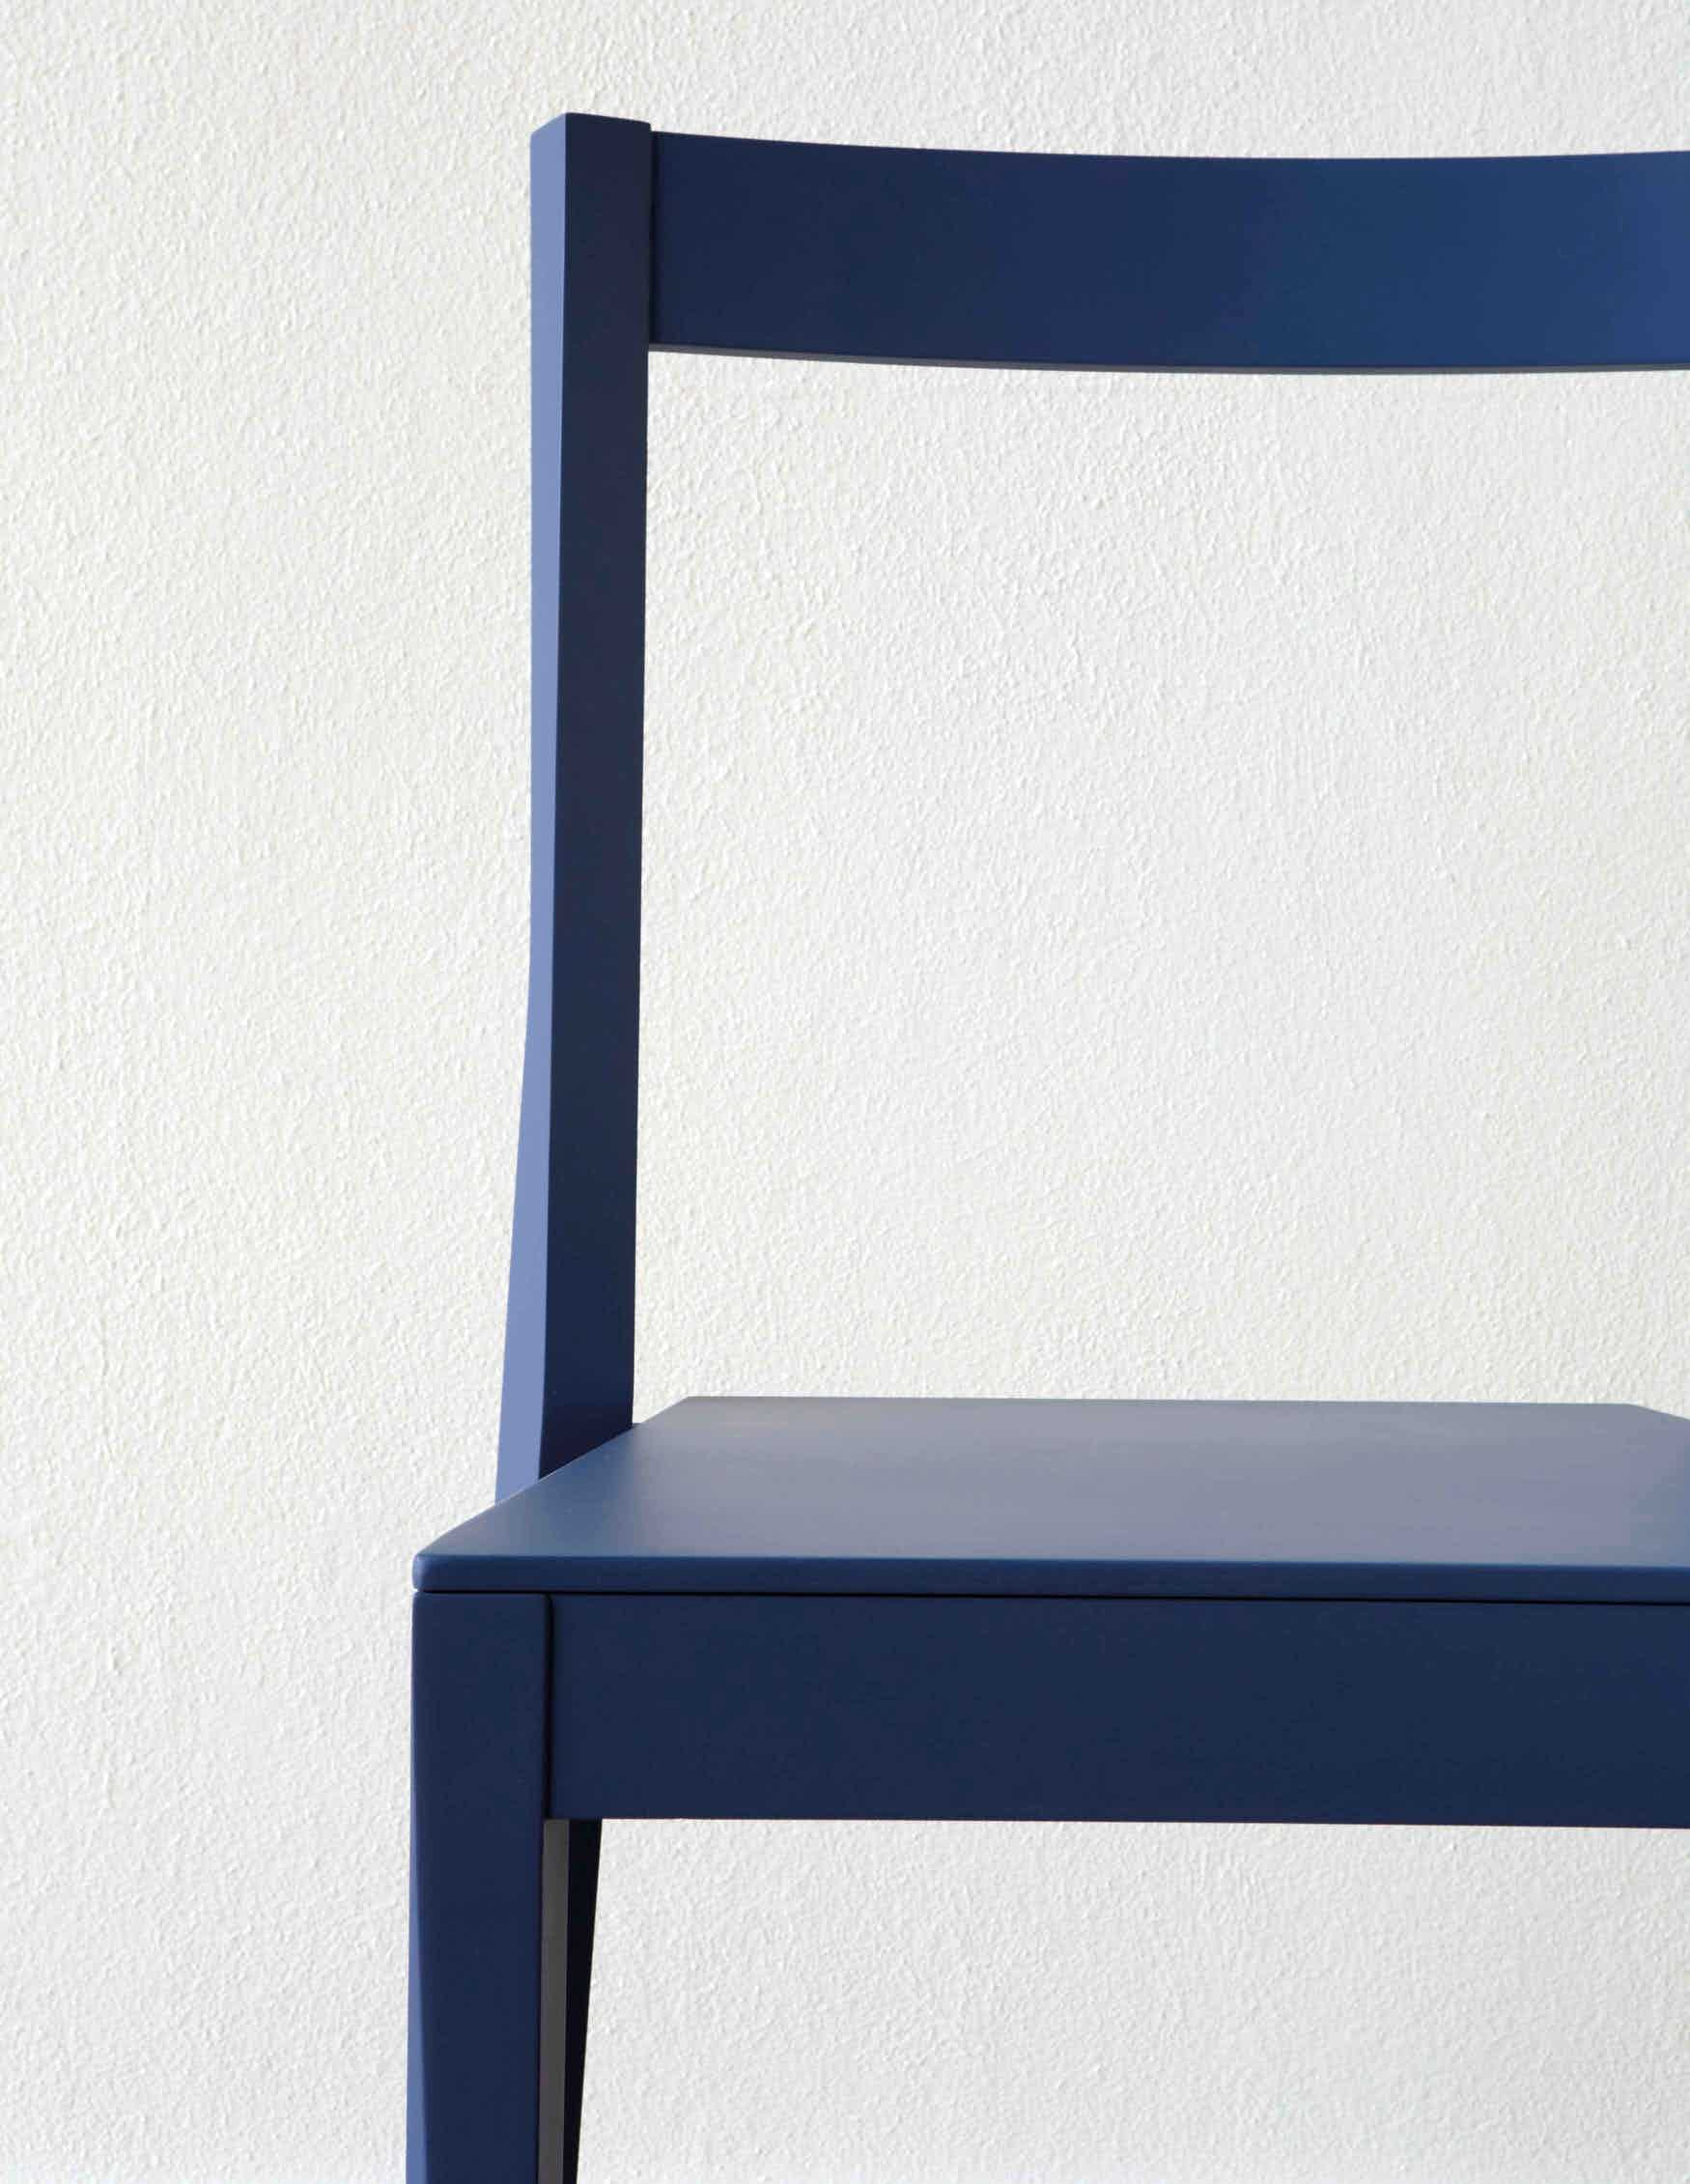 Miniforms Emilia Chair Back Detail Haute Living